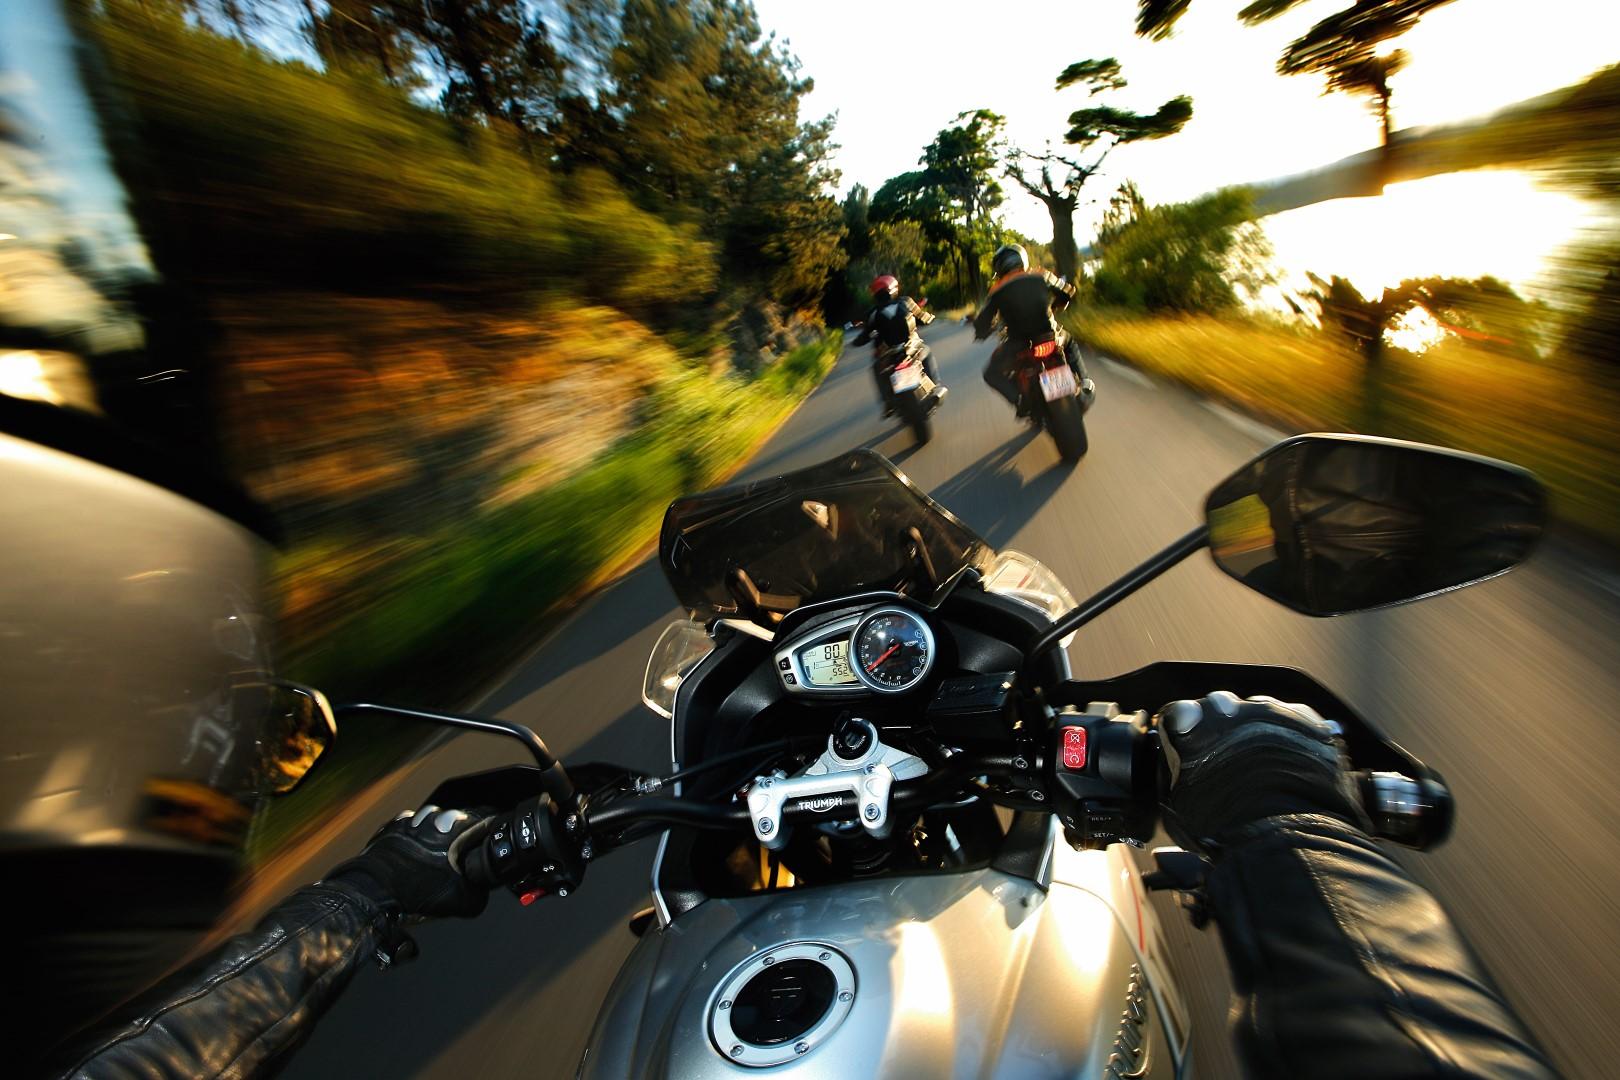 Viajes en moto: Conoce el mundo con todo detalle